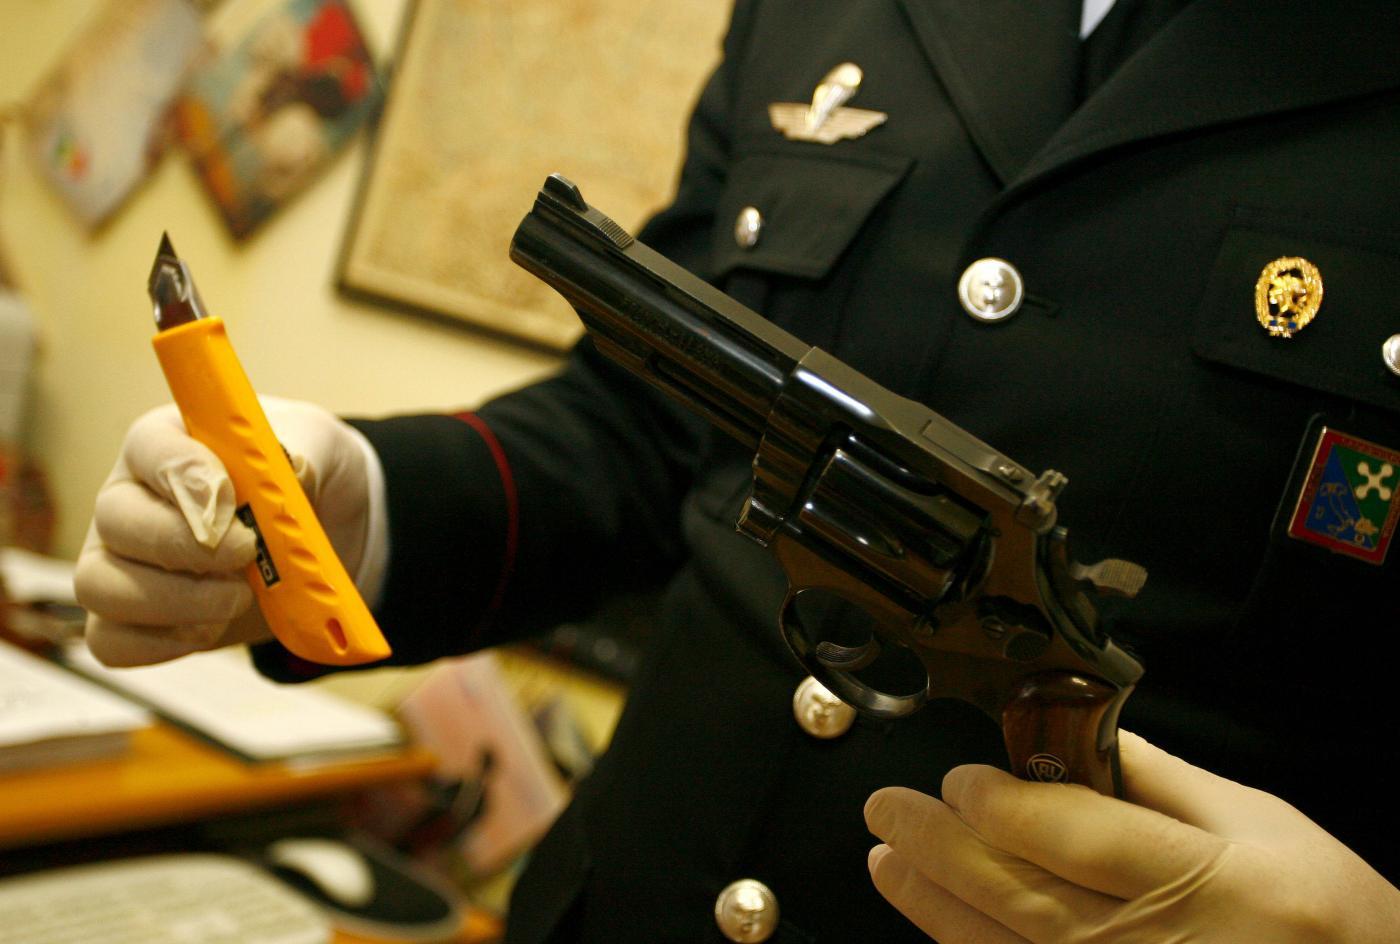 Eccesso di legittima difesa: cosa prevede la legge? Pena e definizione